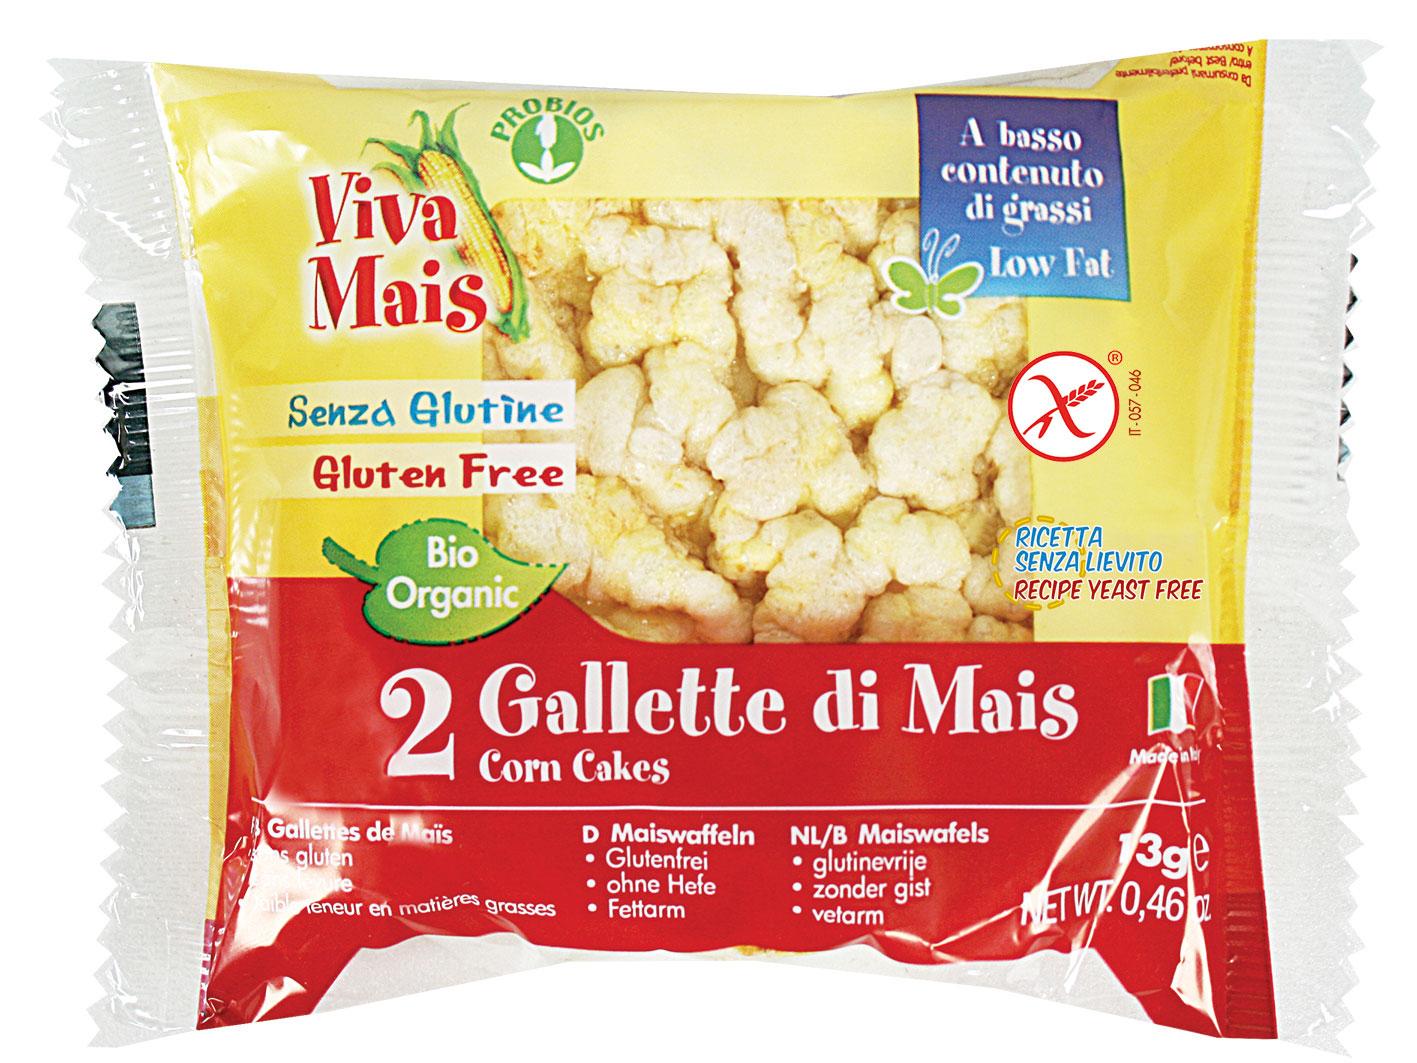 Viva Mais Gallette Mais Con Sale Confezione Duopack Biologiche 13g